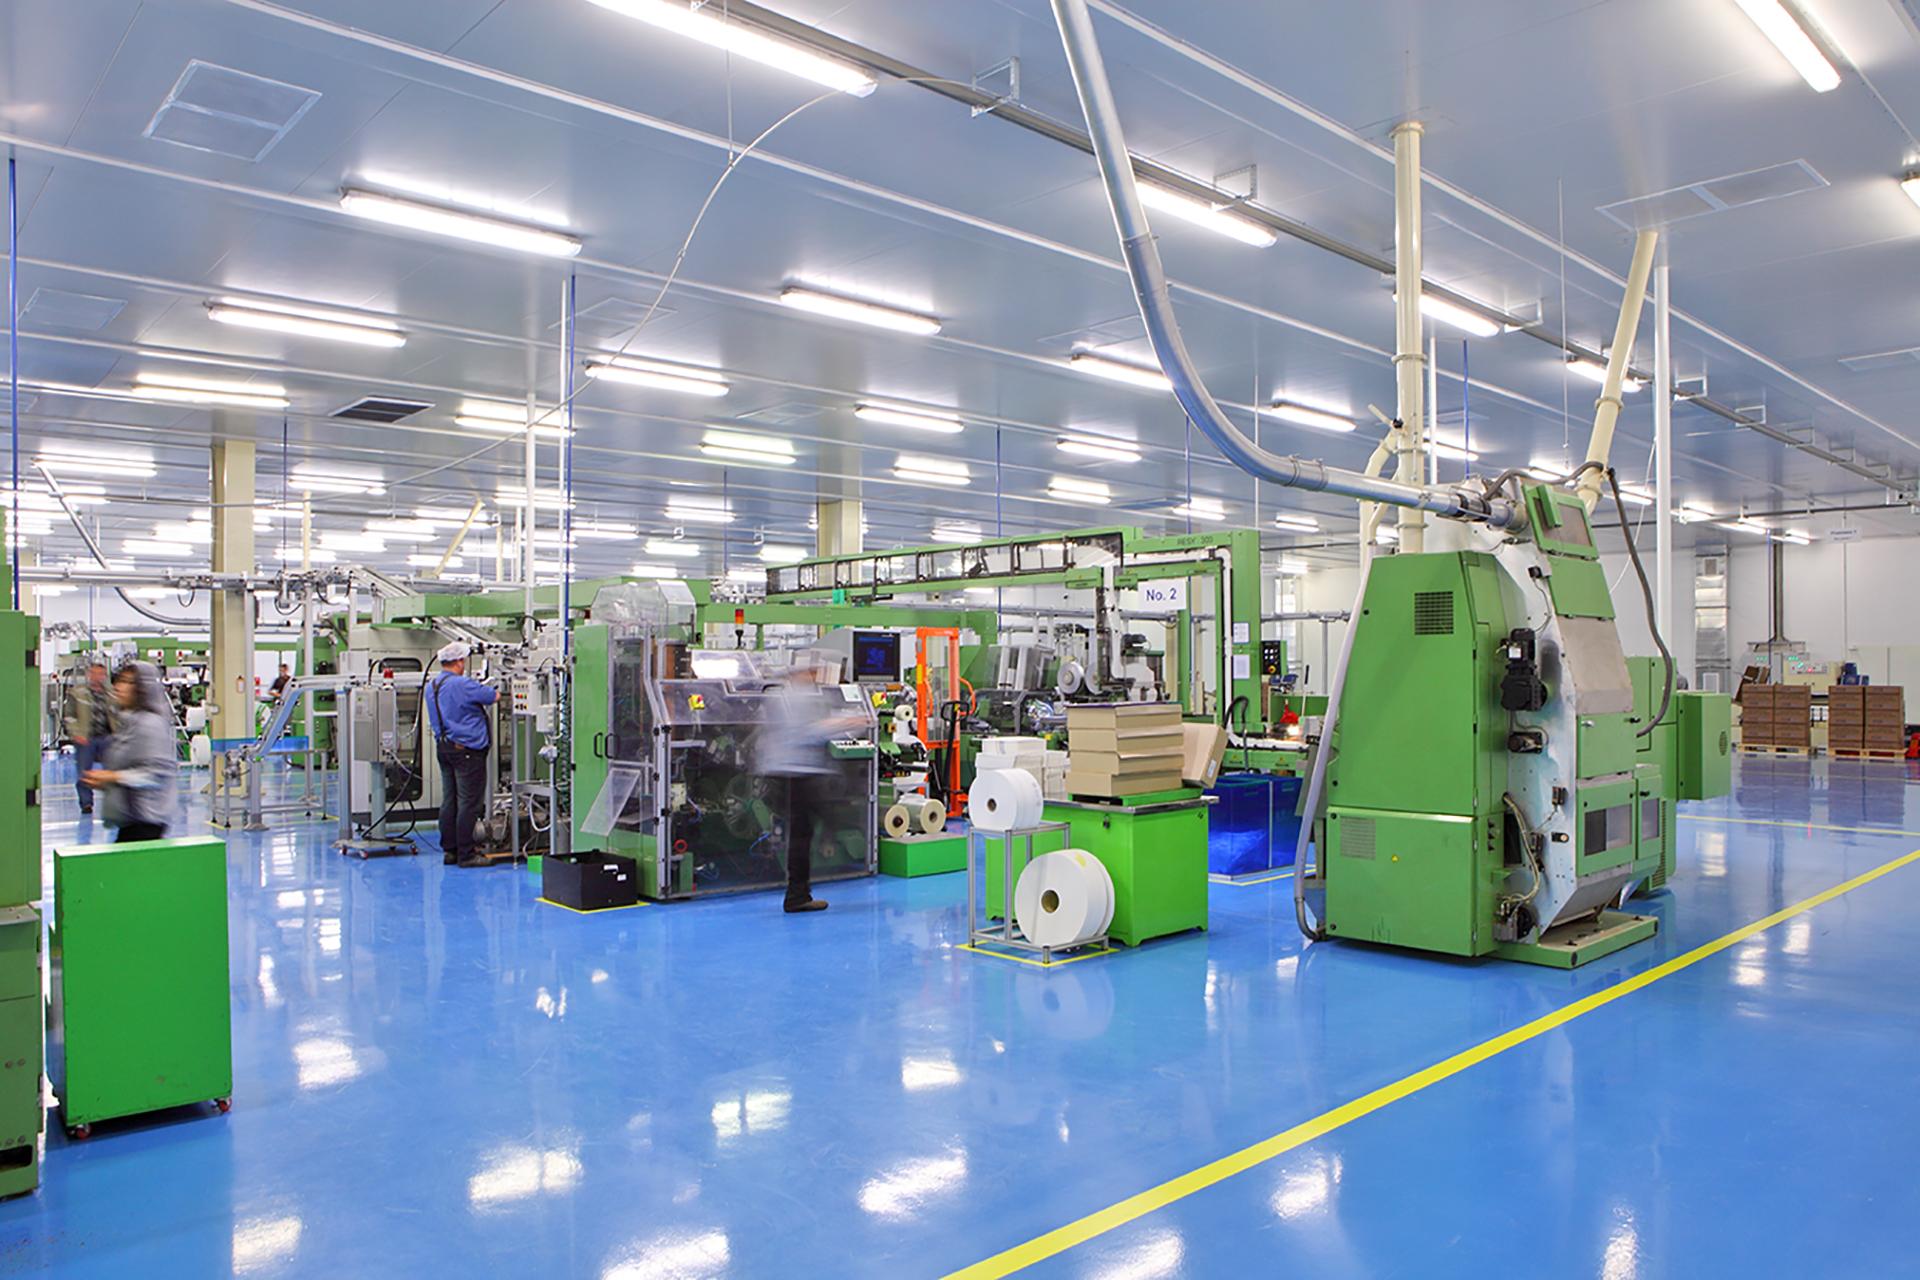 Leak Detection in Factory Floors